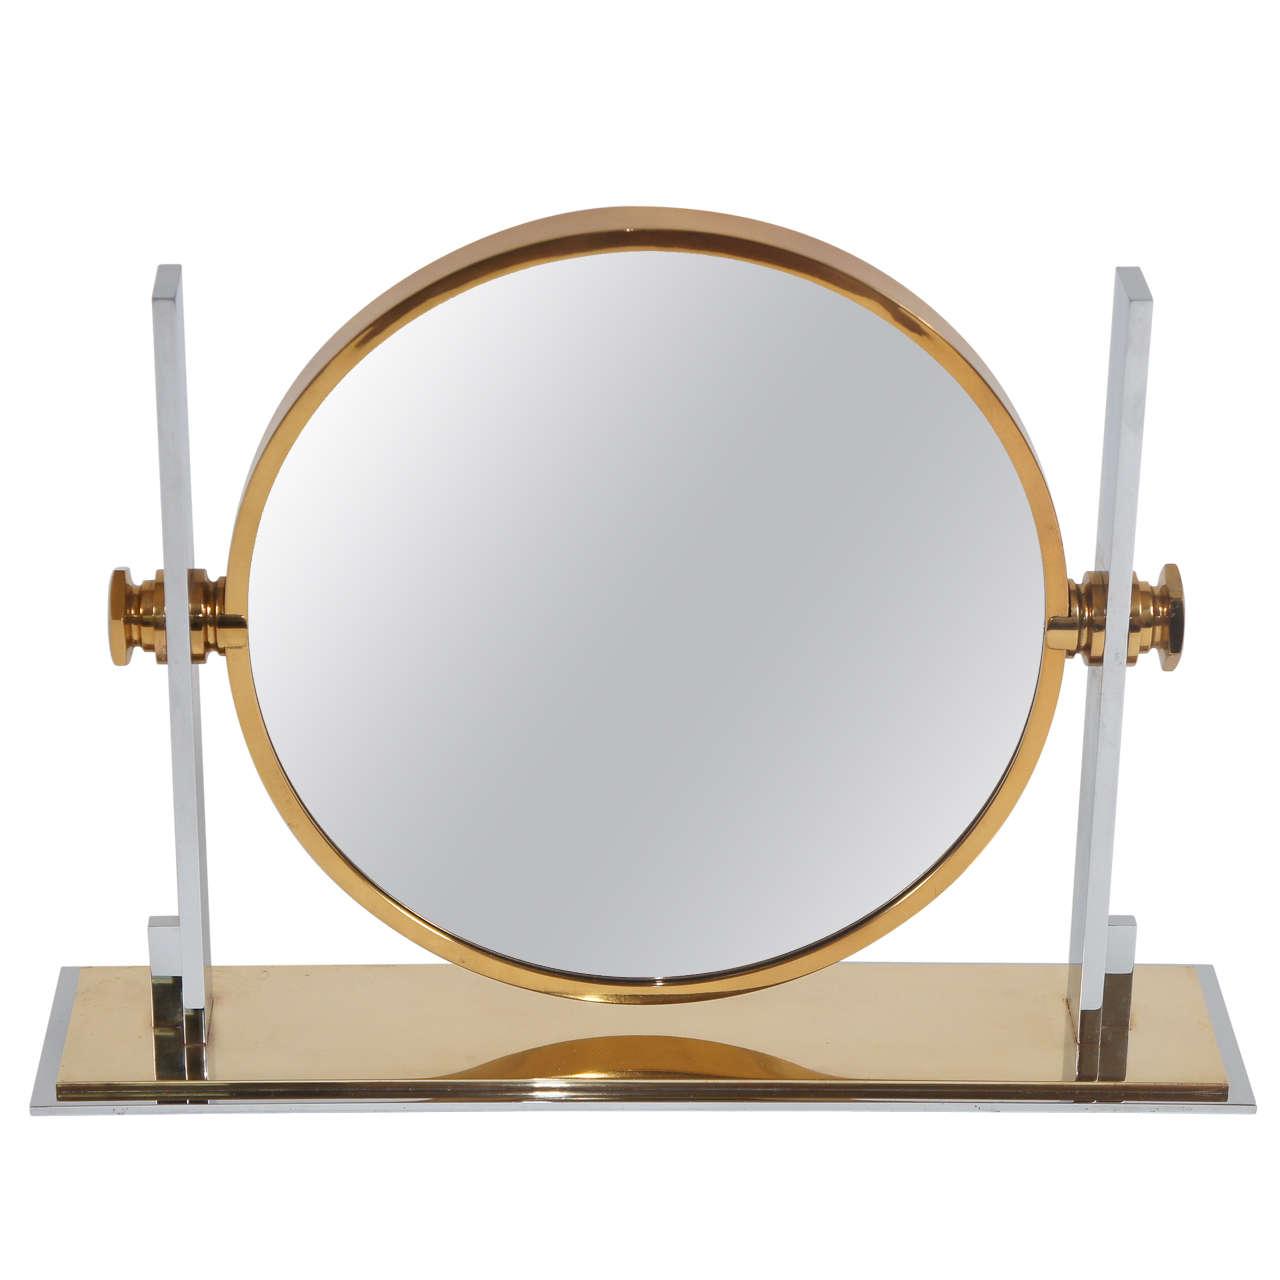 Large vintage table top vanity mirror by karl springer at 1stdibs large vintage table top vanity mirror by karl springer 1 geotapseo Image collections